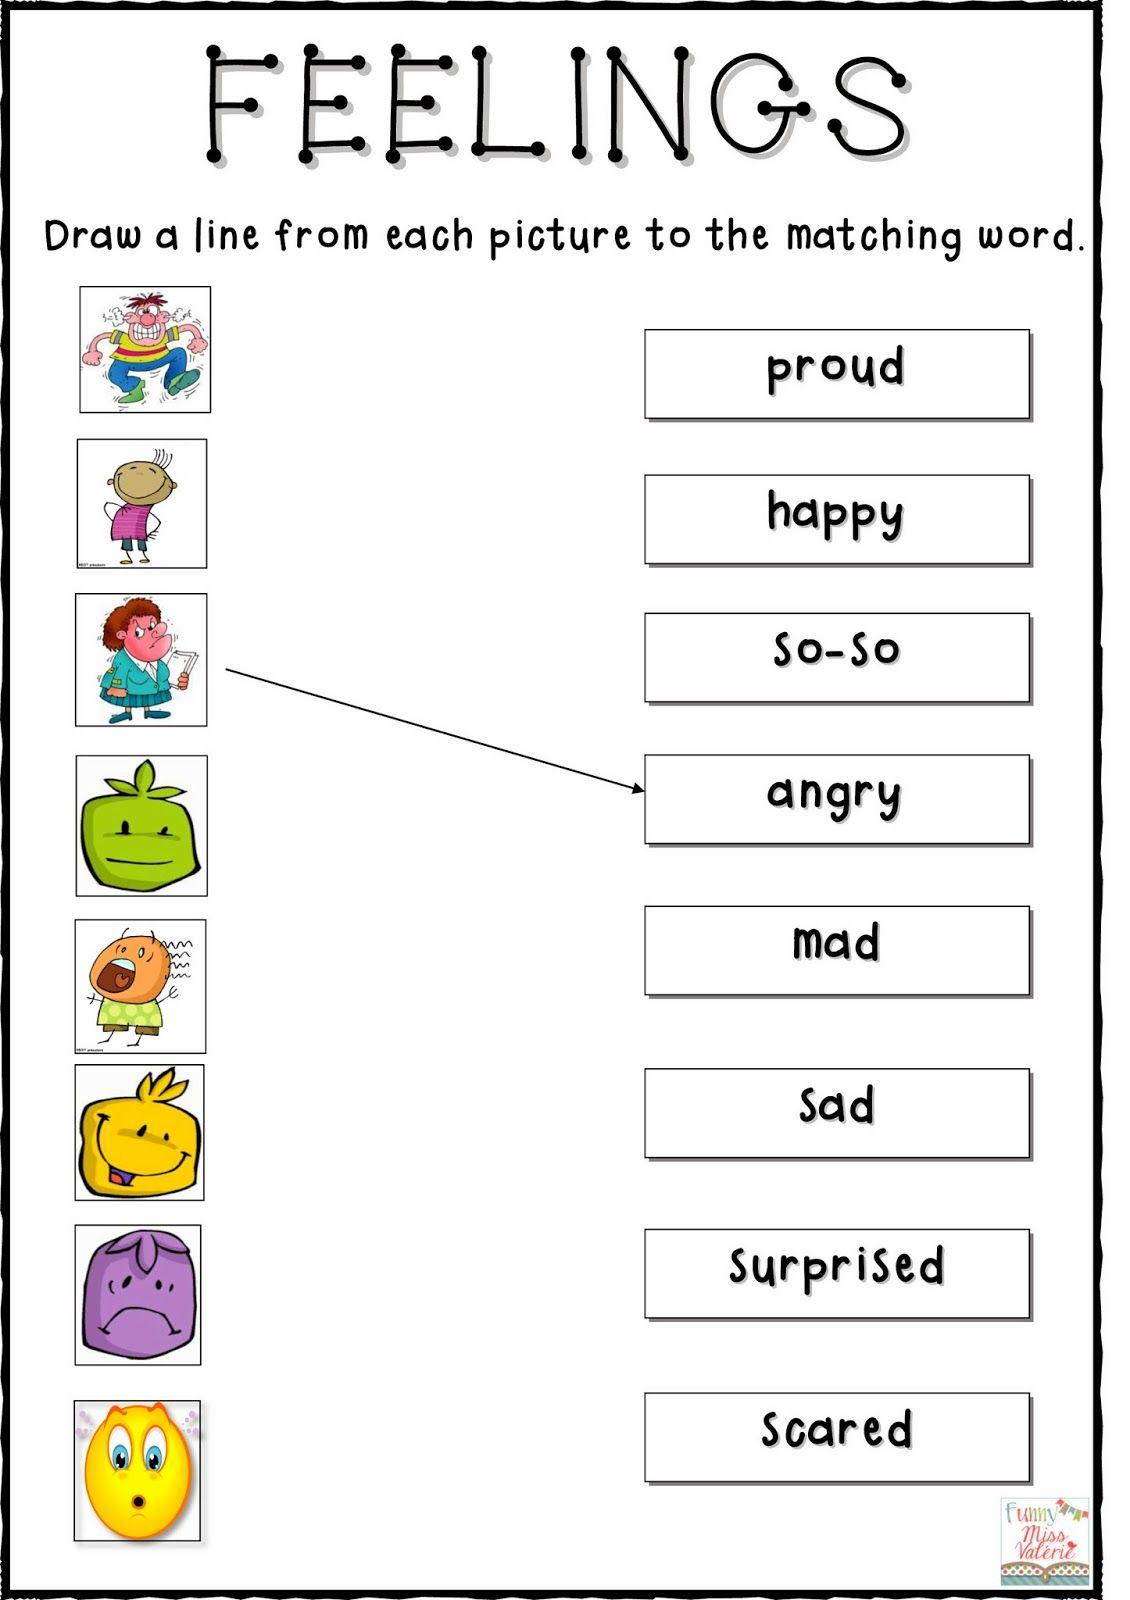 My Feelings Worksheets